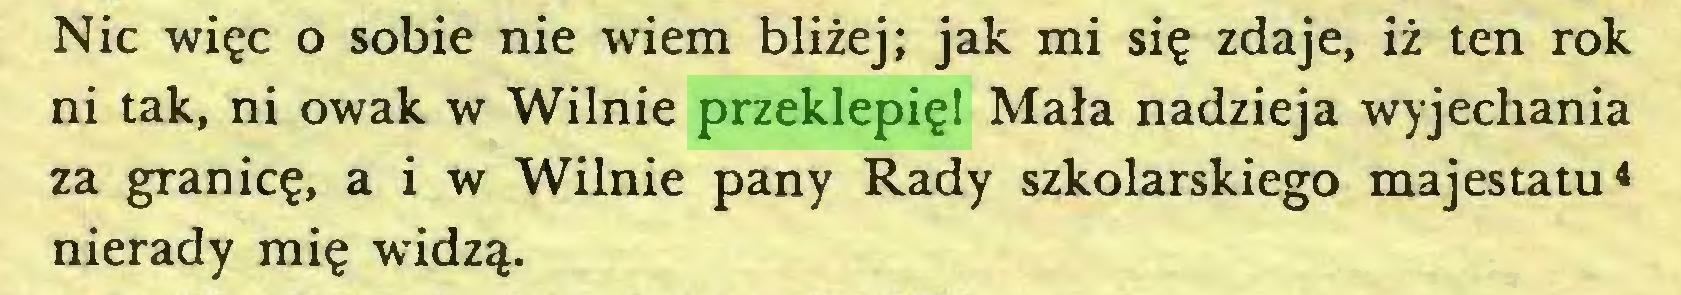 (...) Nic więc o sobie nie wiem bliżej; jak mi się zdaje, iż ten rok ni tak, ni owak w Wilnie przeklepię! Mała nadzieja wyjechania za granicę, a i w Wilnie pany Rady szkolarskiego majestatu4 nierady mię widzą...